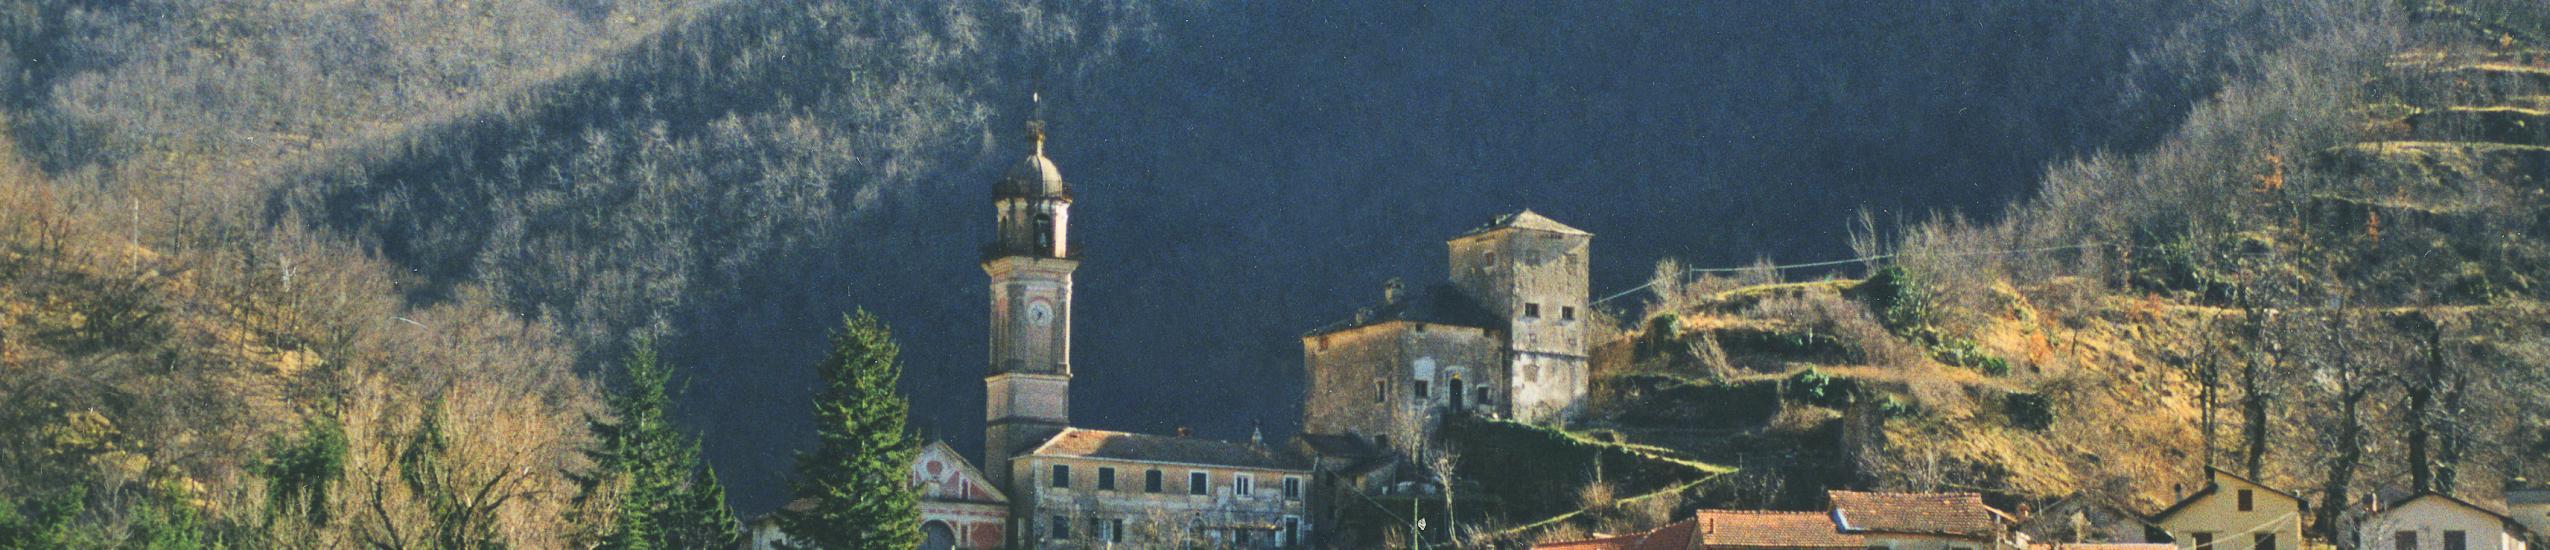 borgo di senarega e sezione etnologica museo a tappe alta valle scrivia